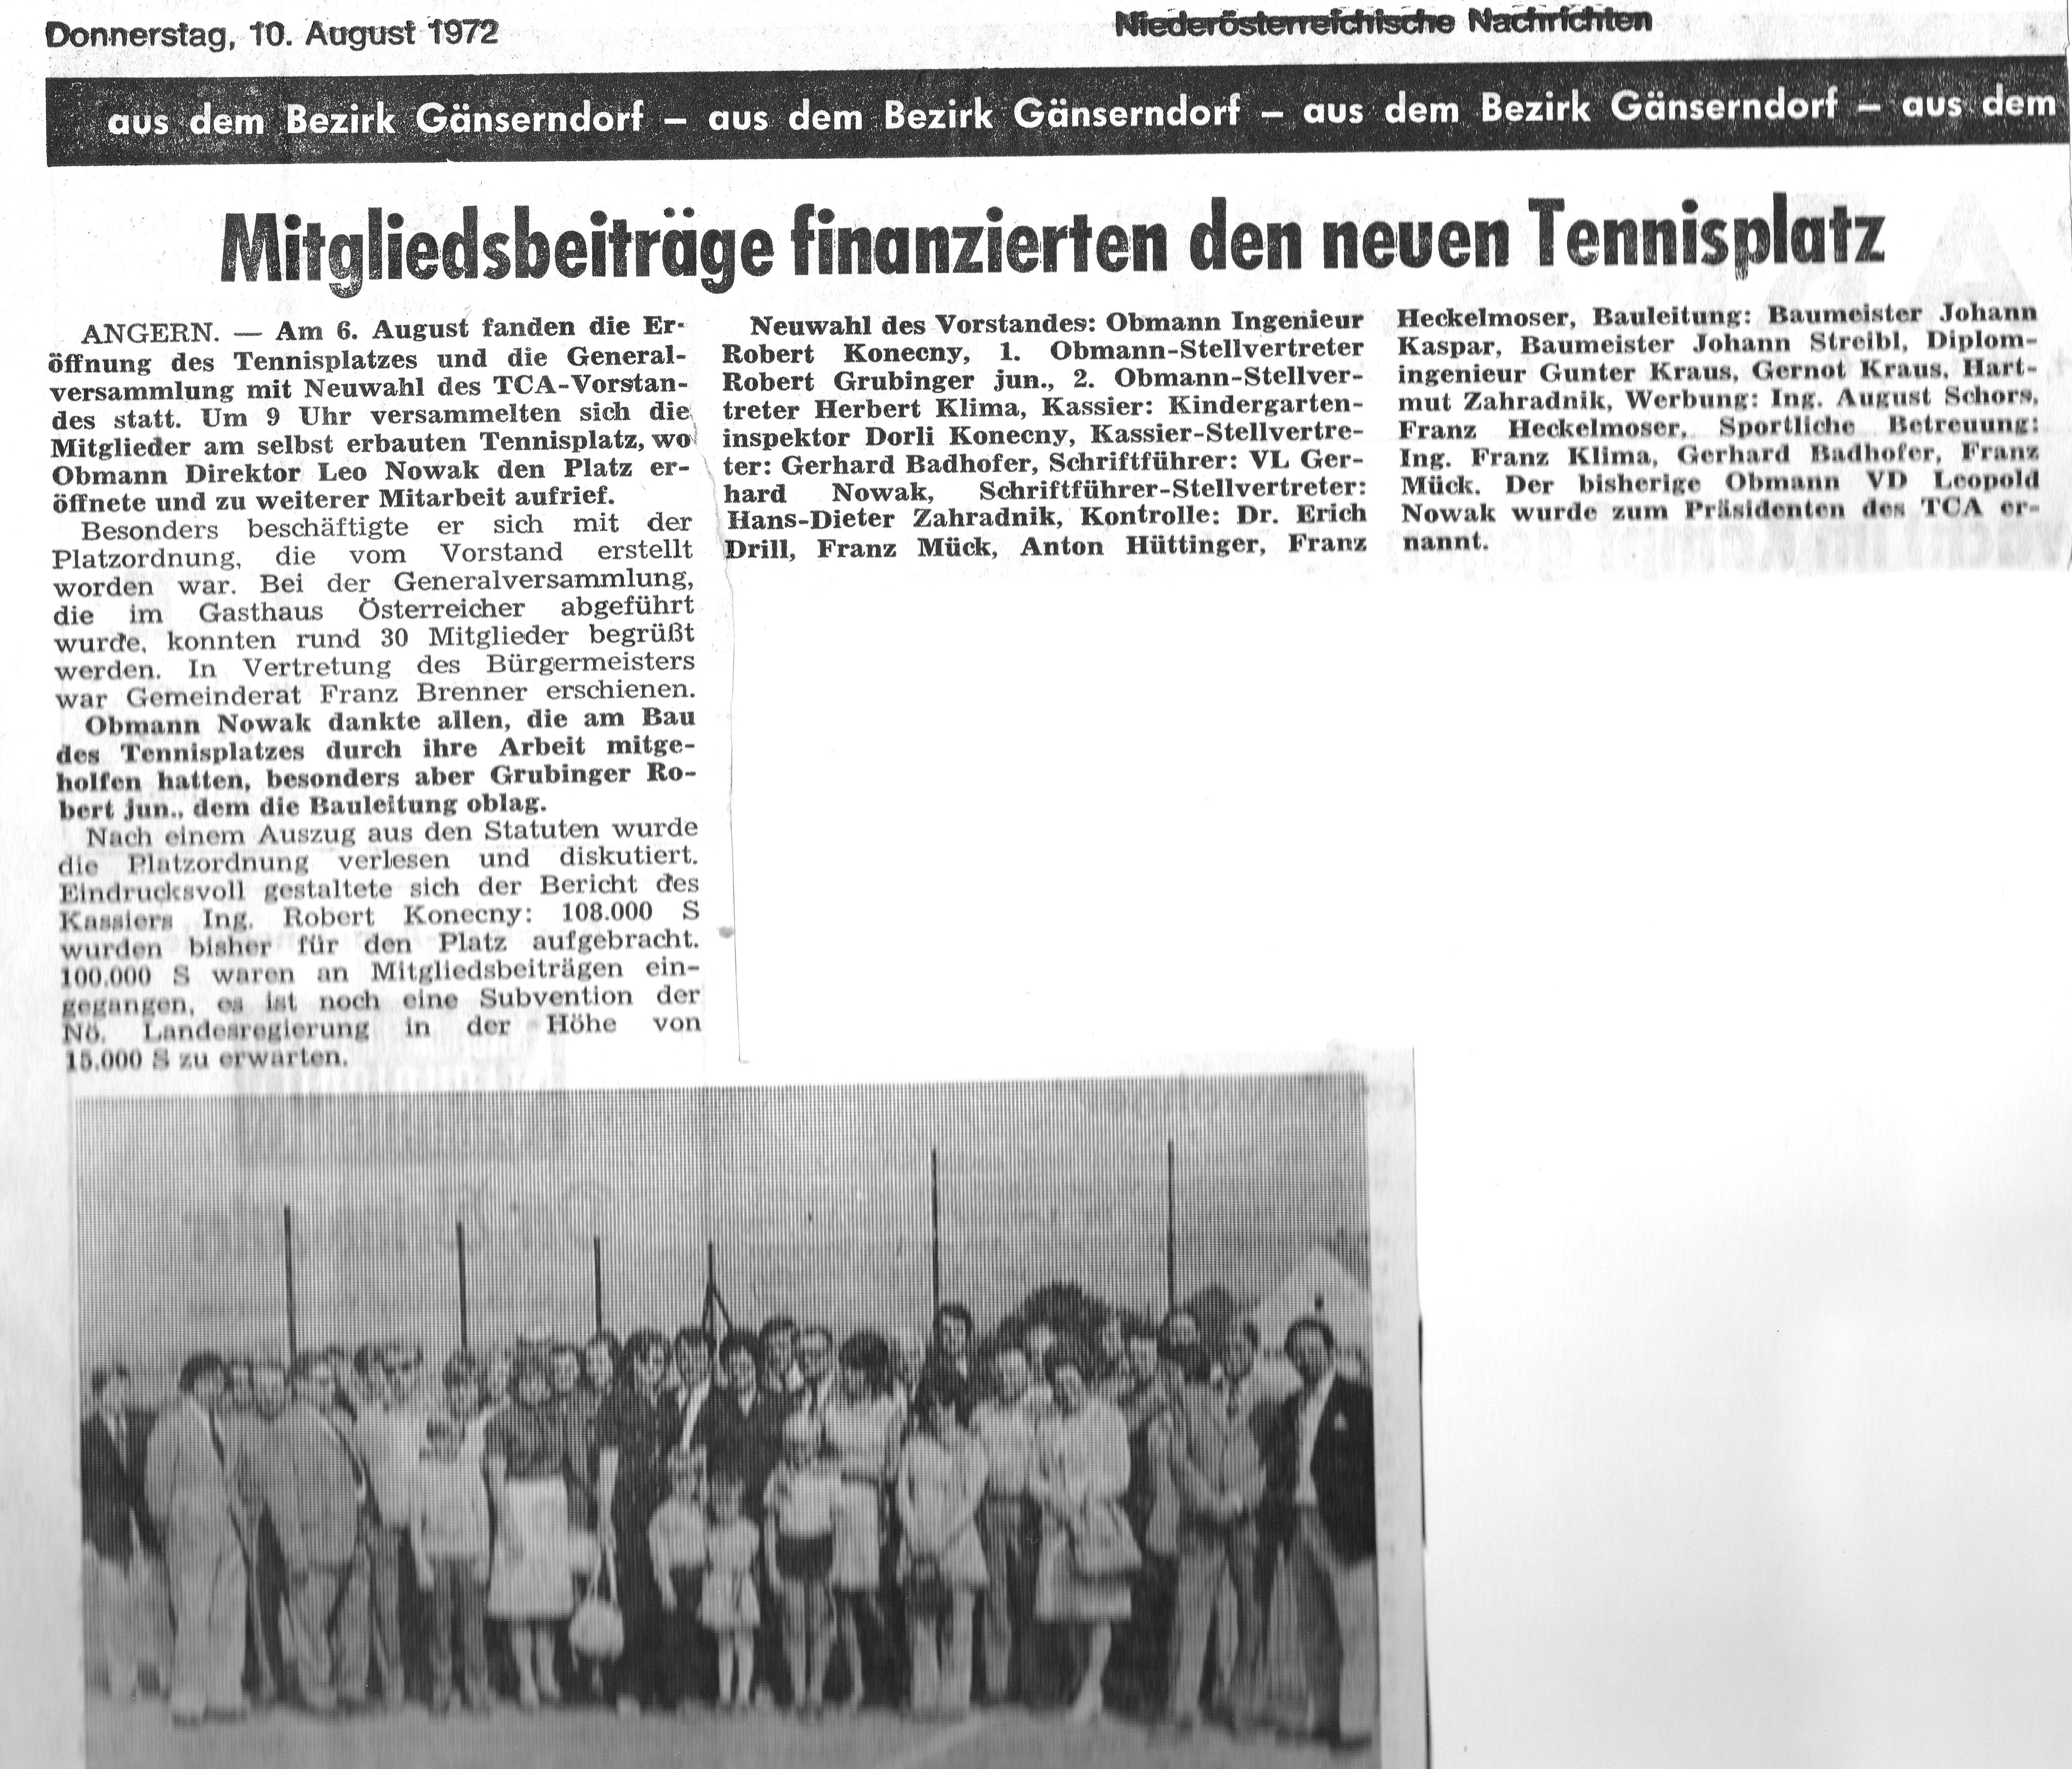 1972.1TCA